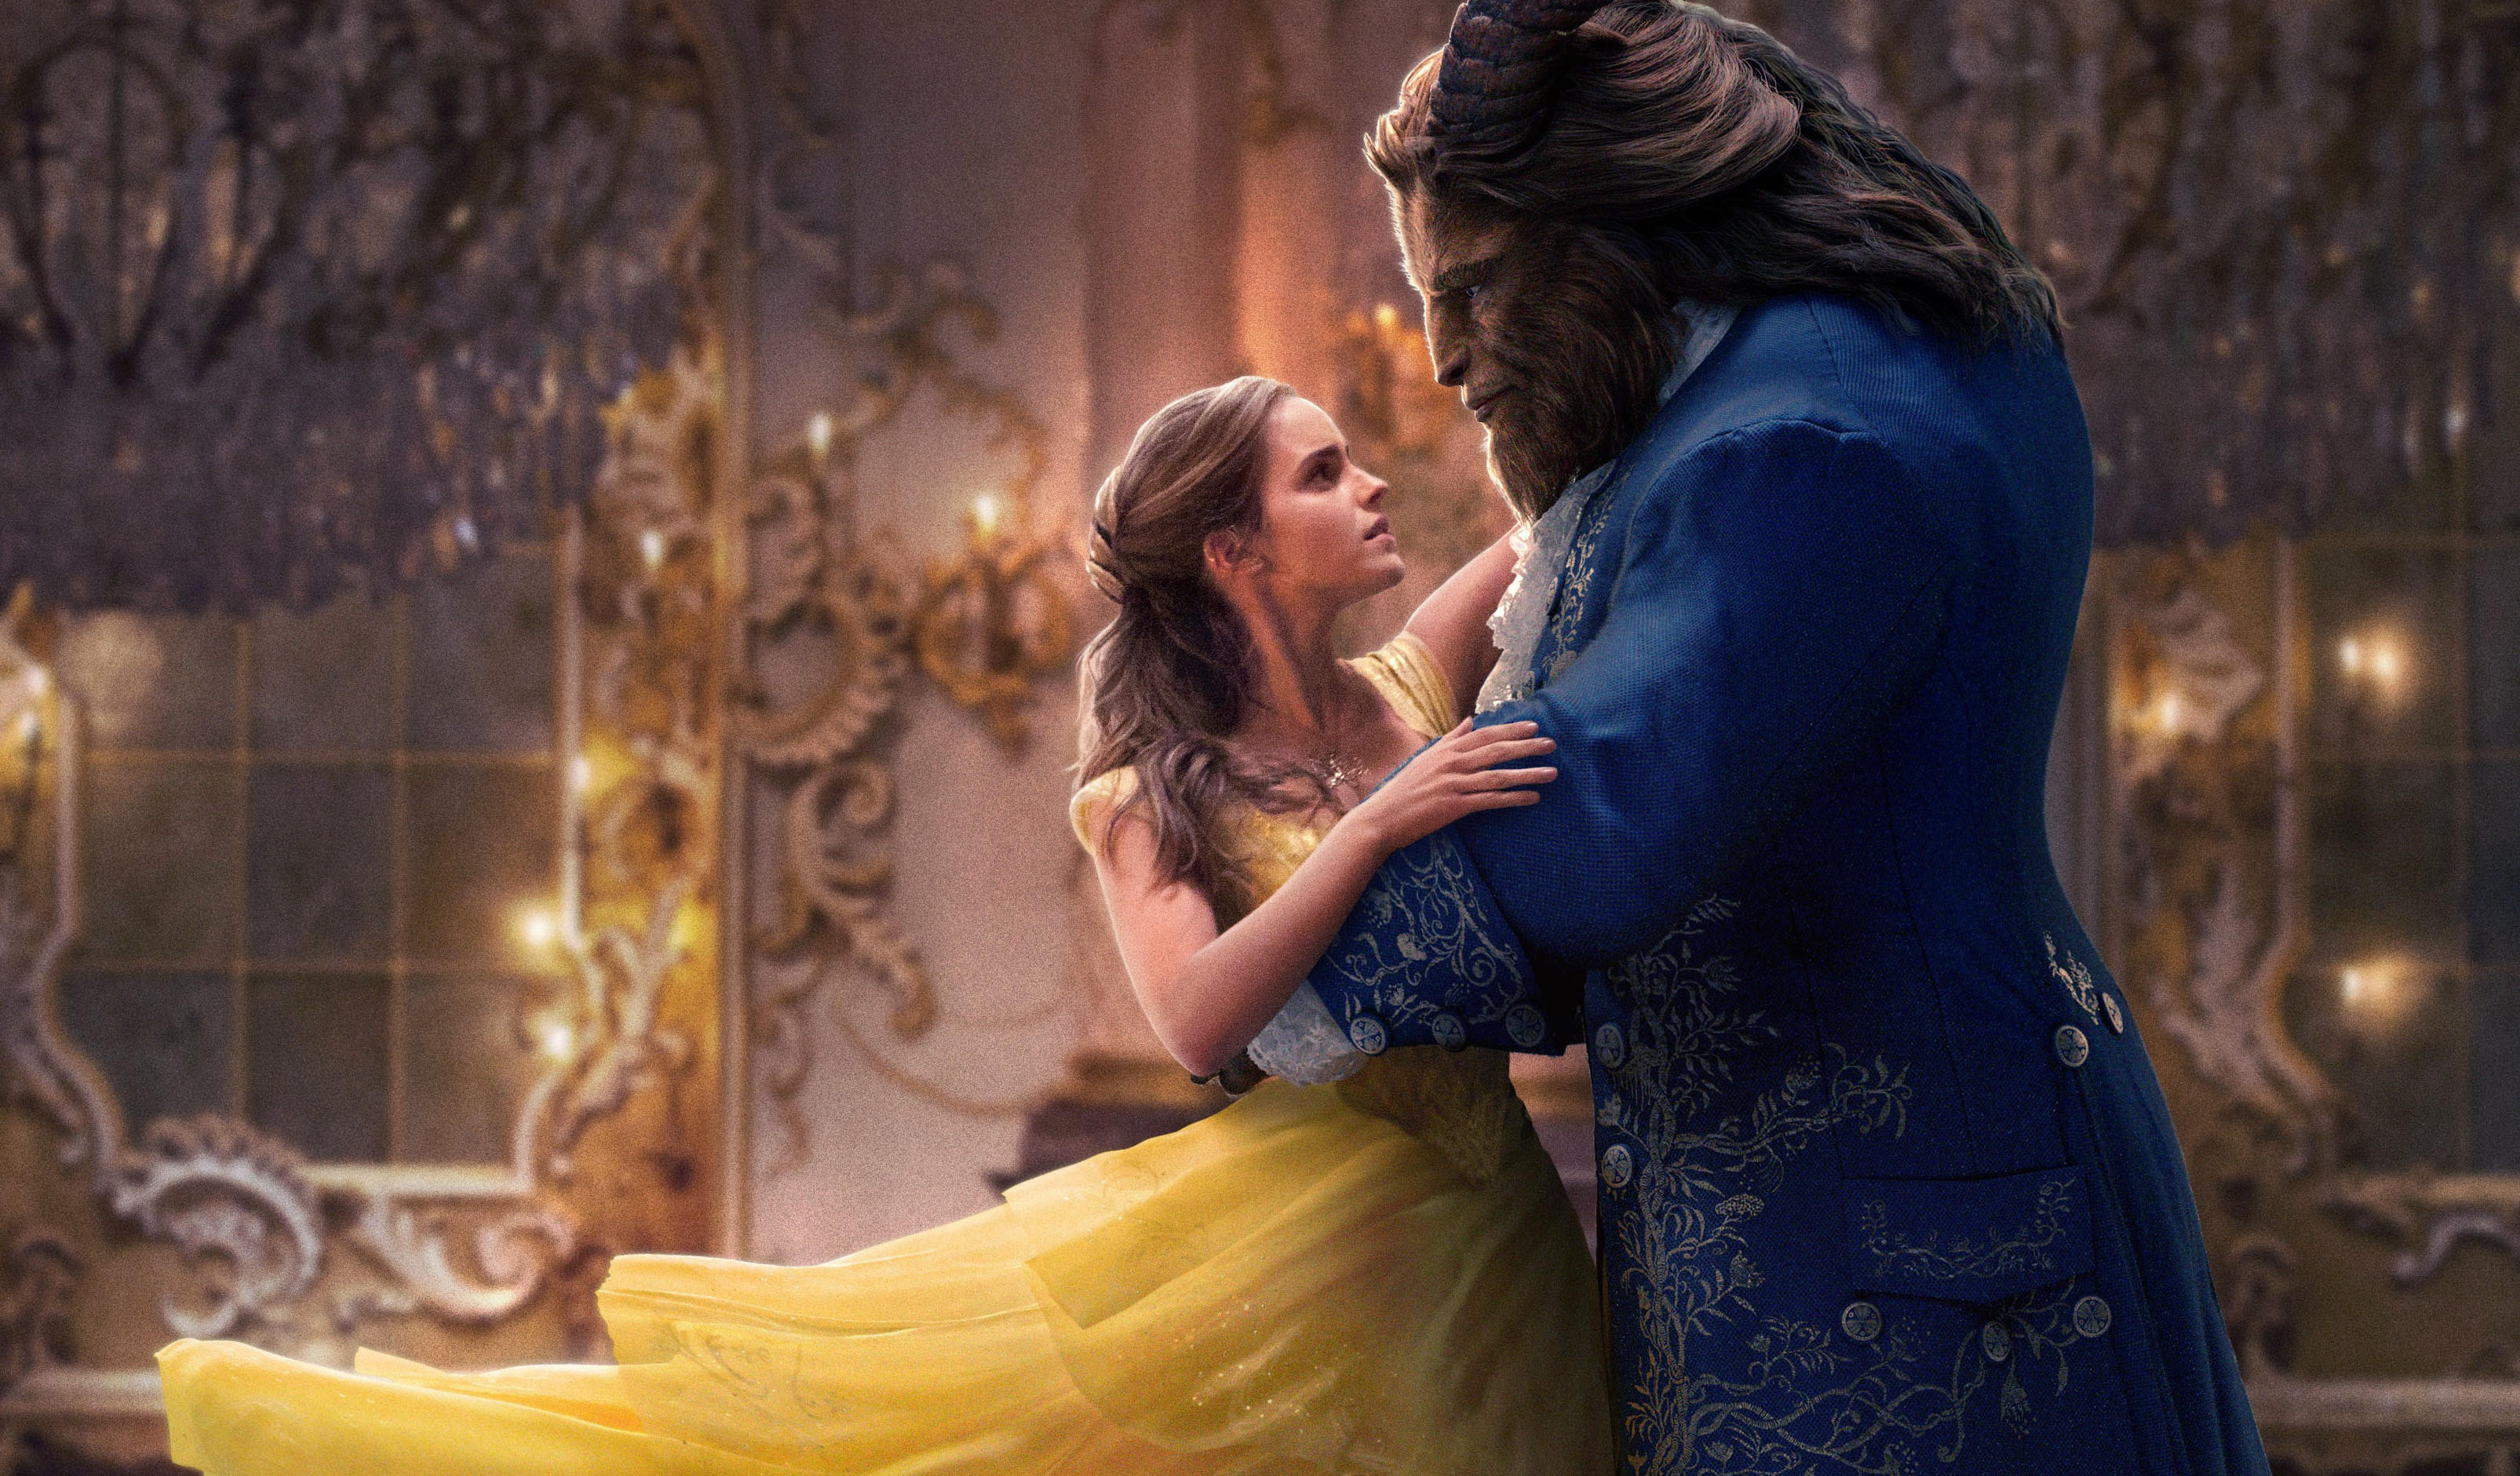 Si es una bestia, no esperes que se convierta en príncipe